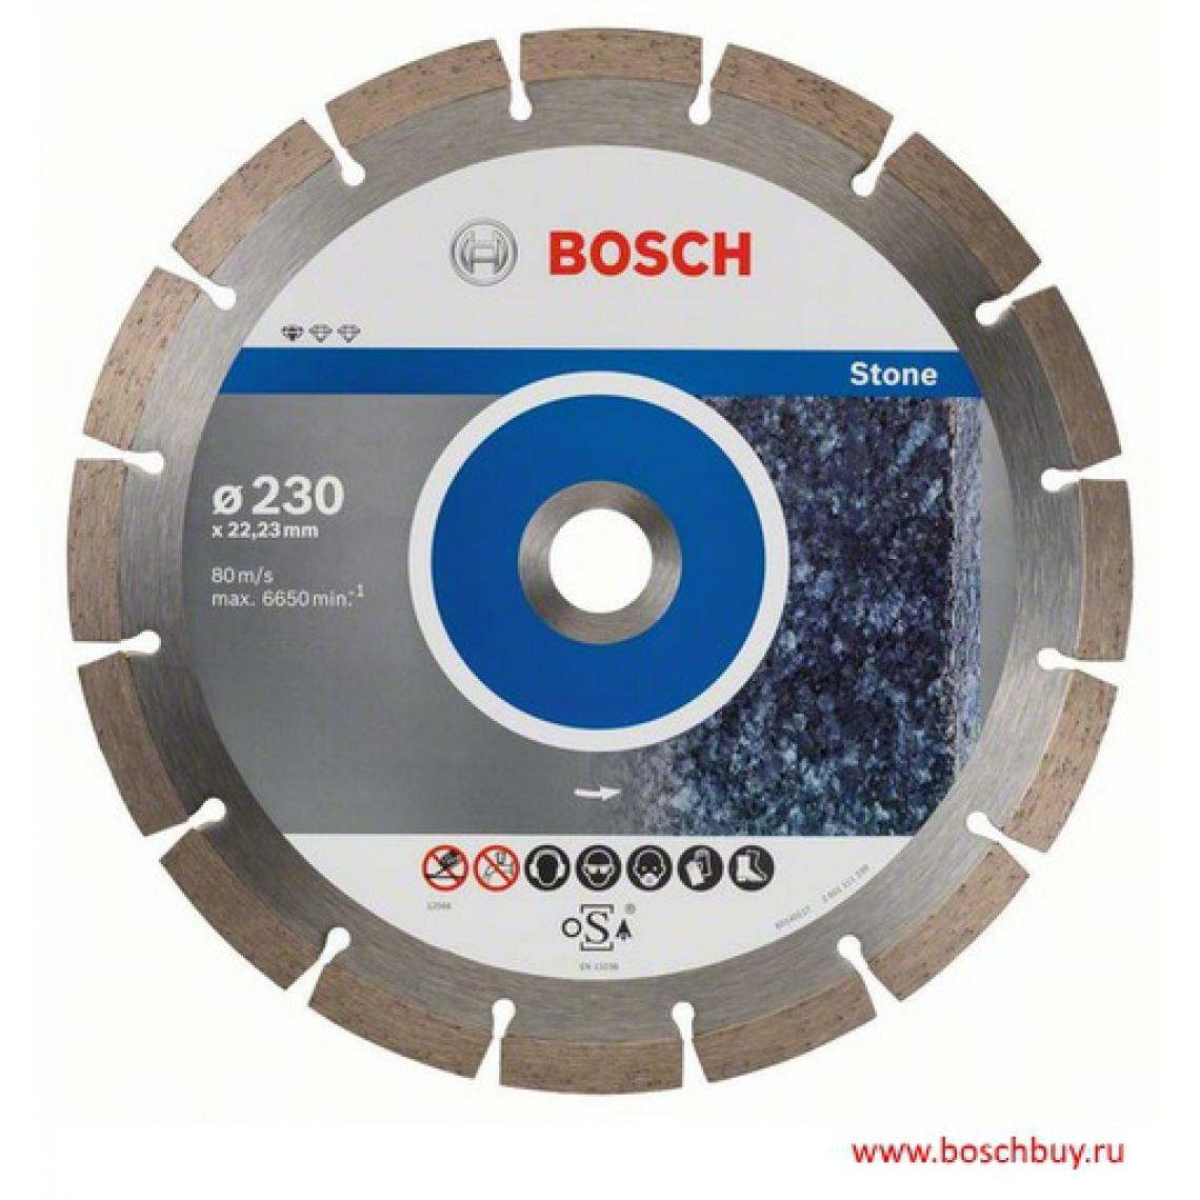 Bosch 230 mm